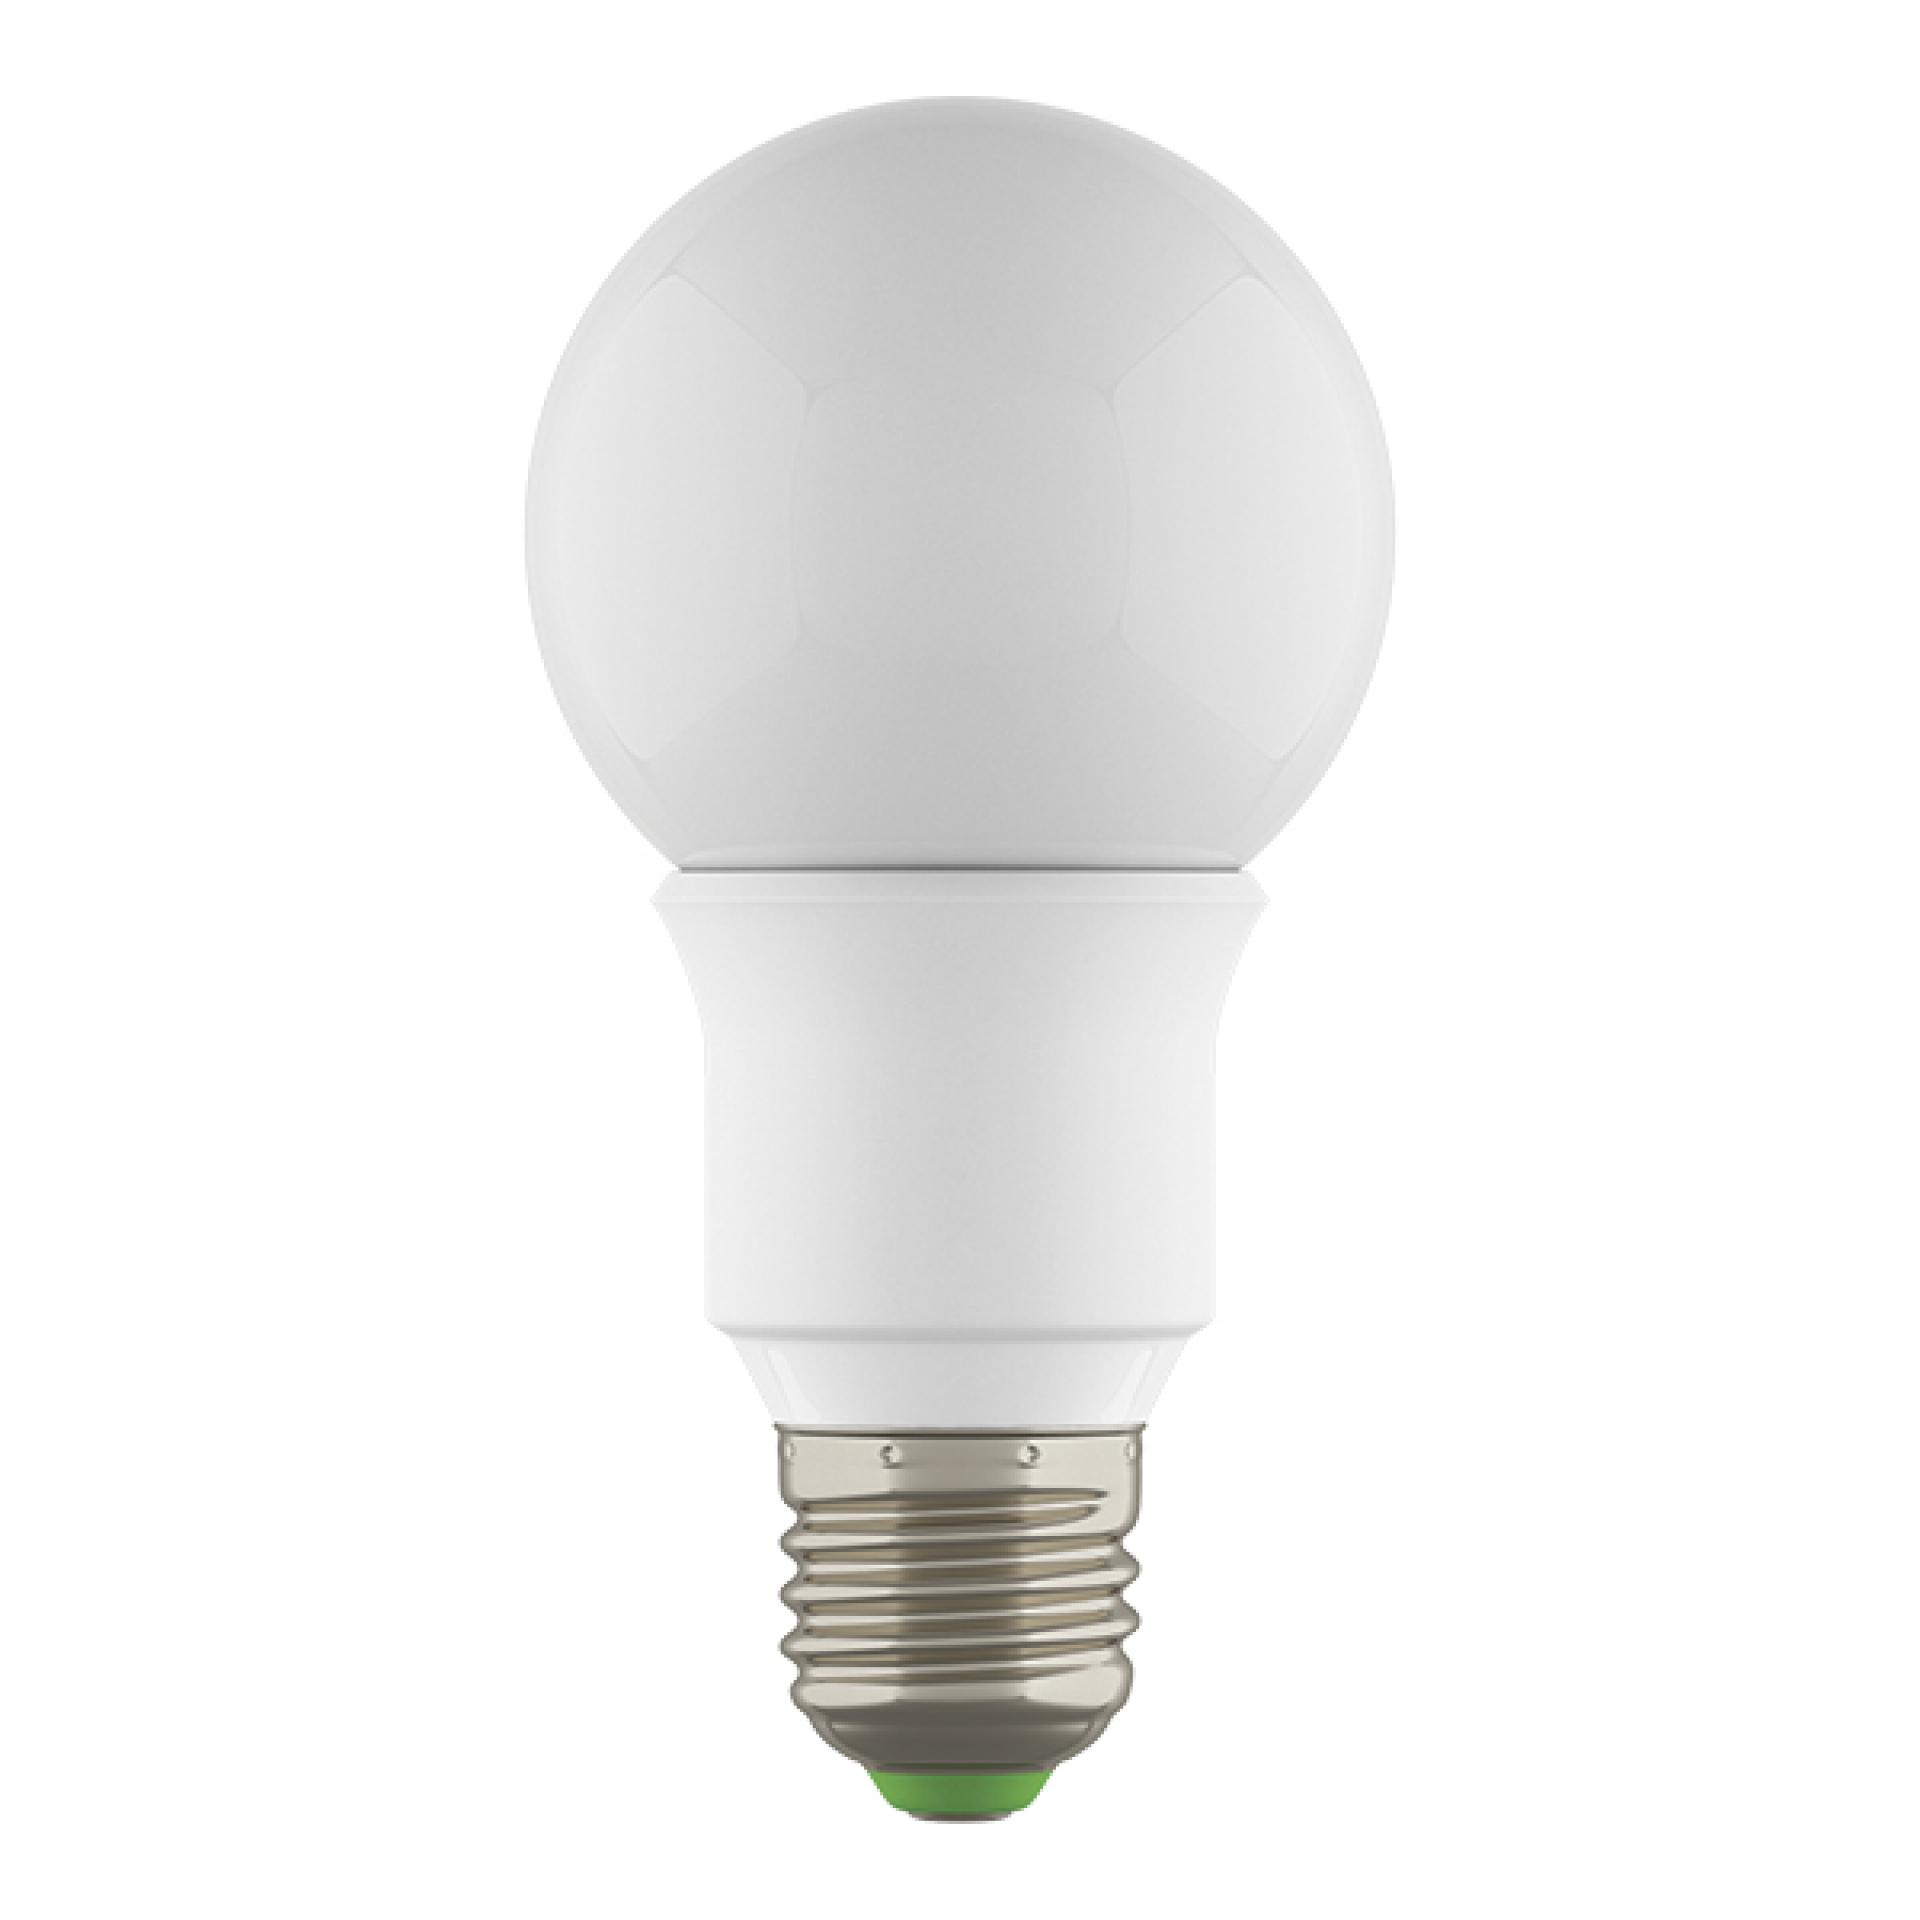 Лампа LED 220V A60 E27 6W=60W 500LM 360G WH 3000K 20000H DIMM Lightstar 931002, купить в СПб, Москве, с доставкой, Санкт-Петербург, интернет-магазин люстр и светильников Starlight, фото в жизни